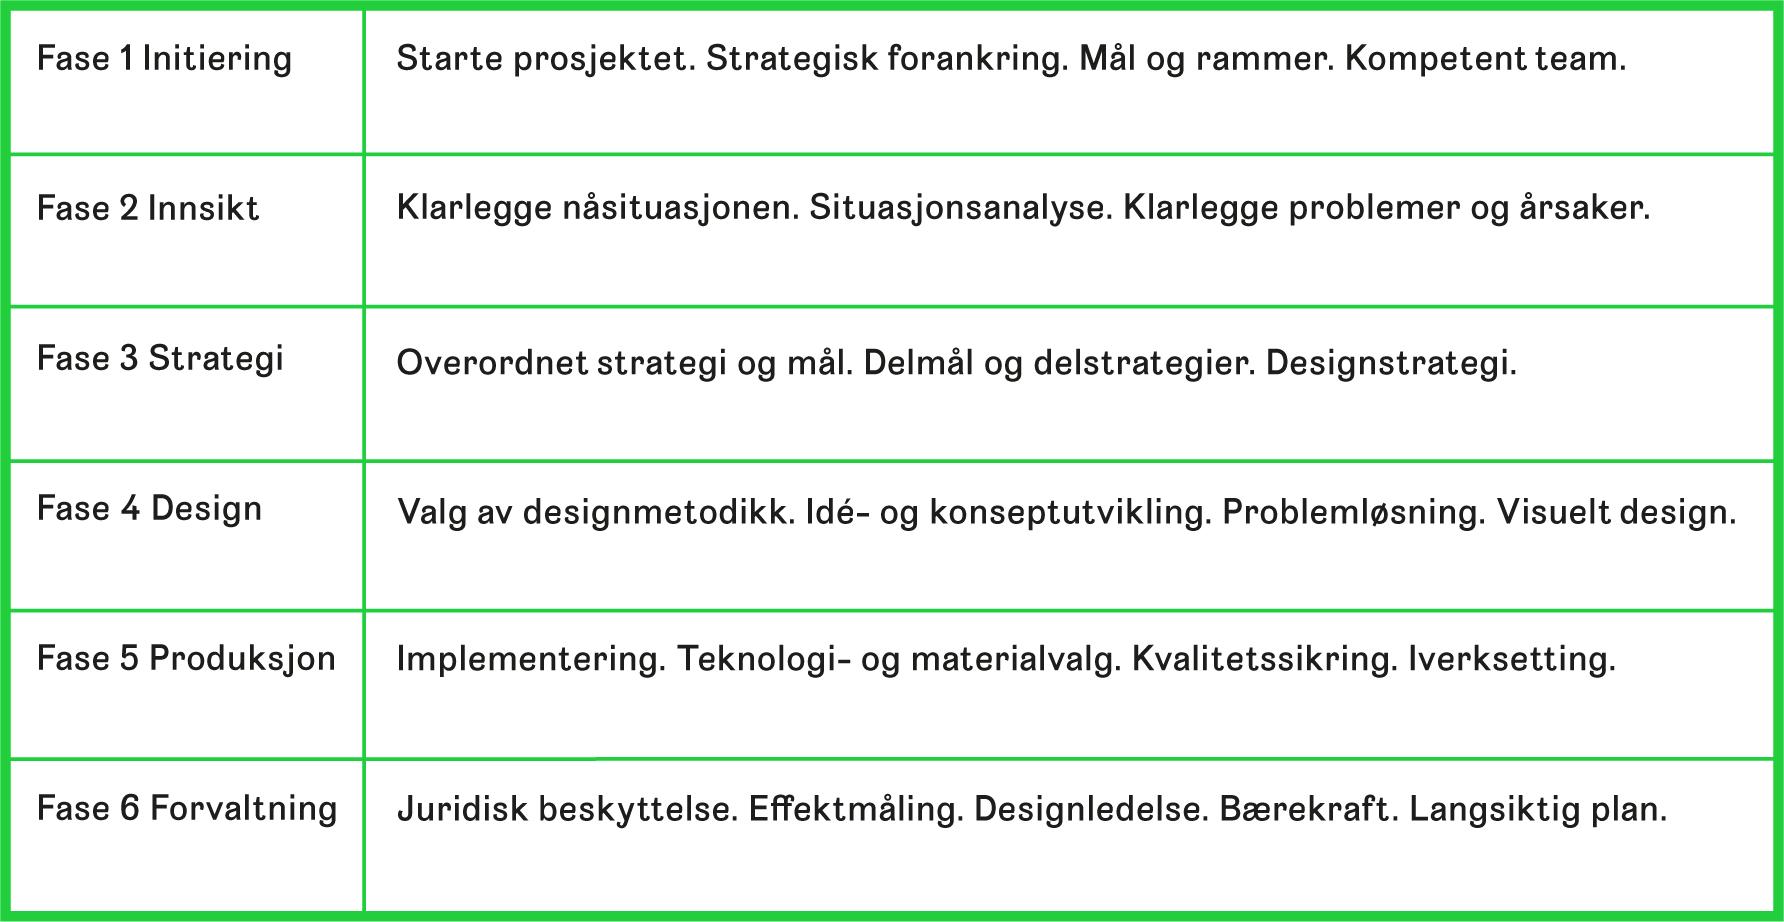 Tabell 2 Tabellen viser en strategisk designprosess i seks faser med eksempel på nøkkelfaktorer som er relevante for merkeutvikling. Det er nødvendig å gå frem og tilbake mellom fasene for å knytte innsikt, strategi og design sammen og til en helhet.